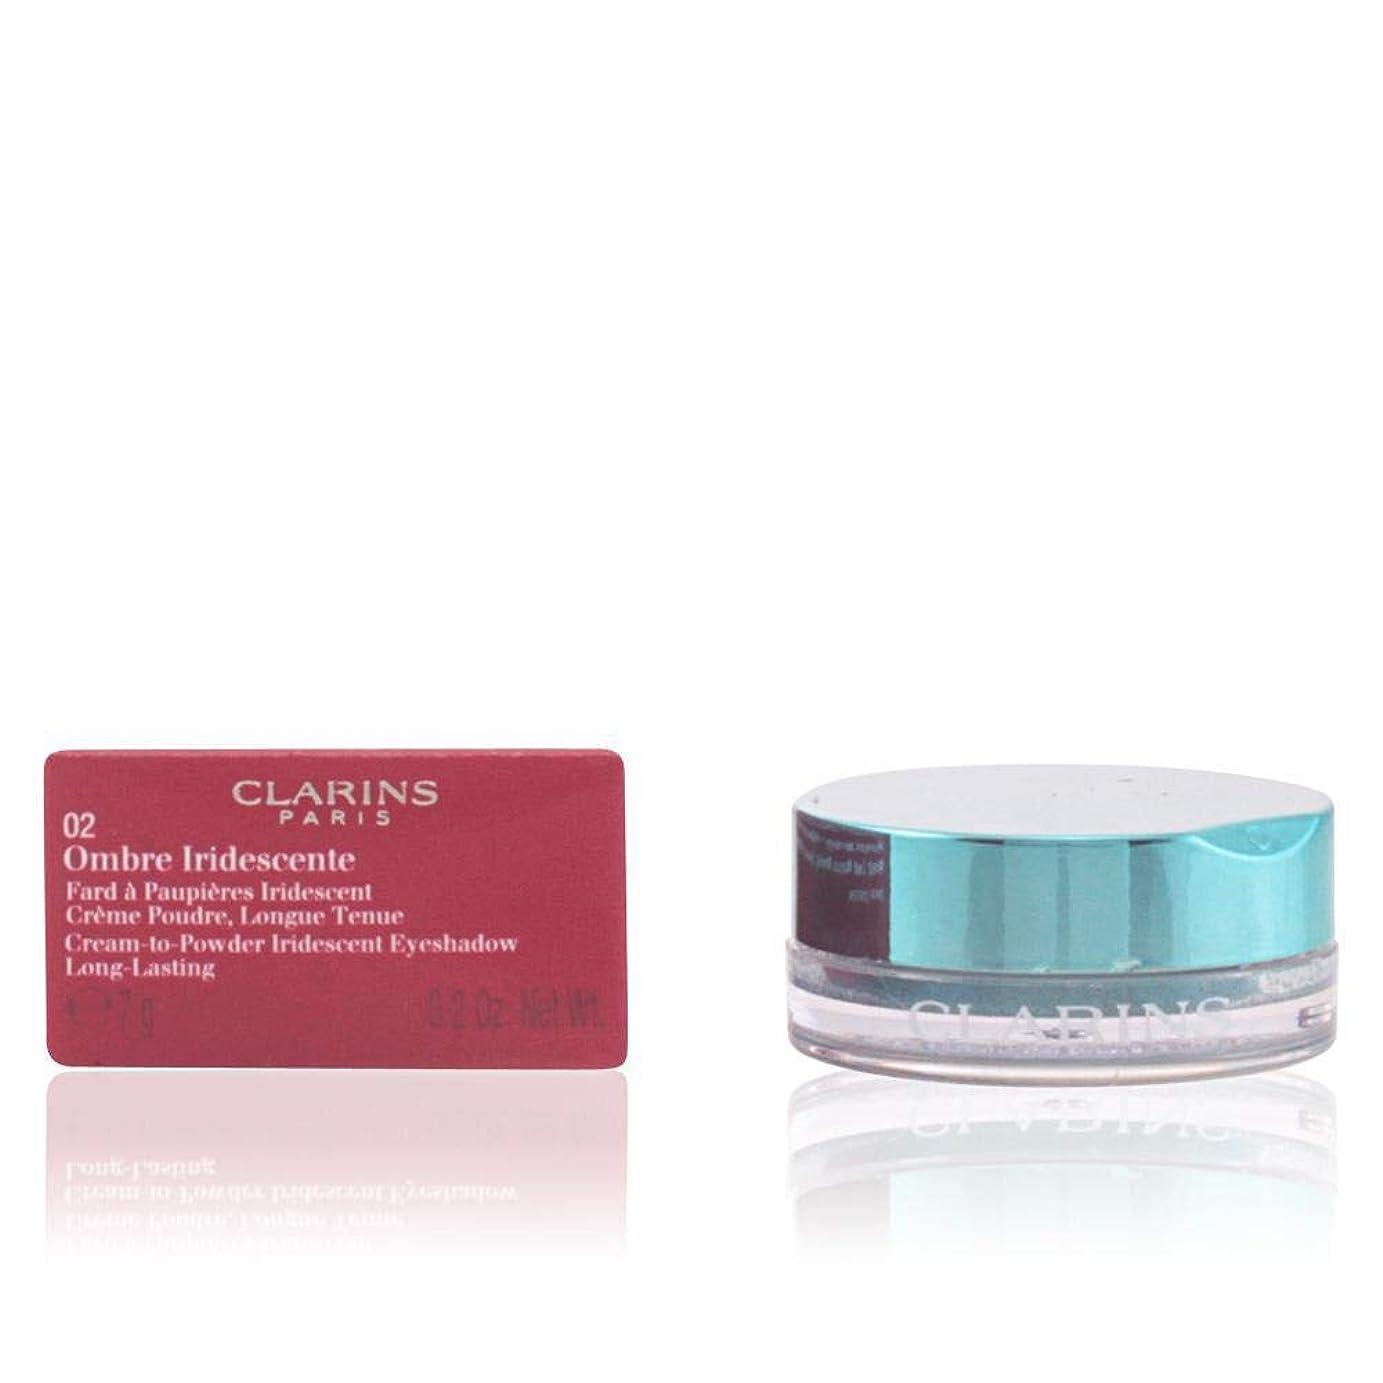 山岳艦隊統治するクラランス Ombre Iridescente Cream To Powder Iridescent Eyeshadow - #06 Sliver Green 7g/0.2oz並行輸入品